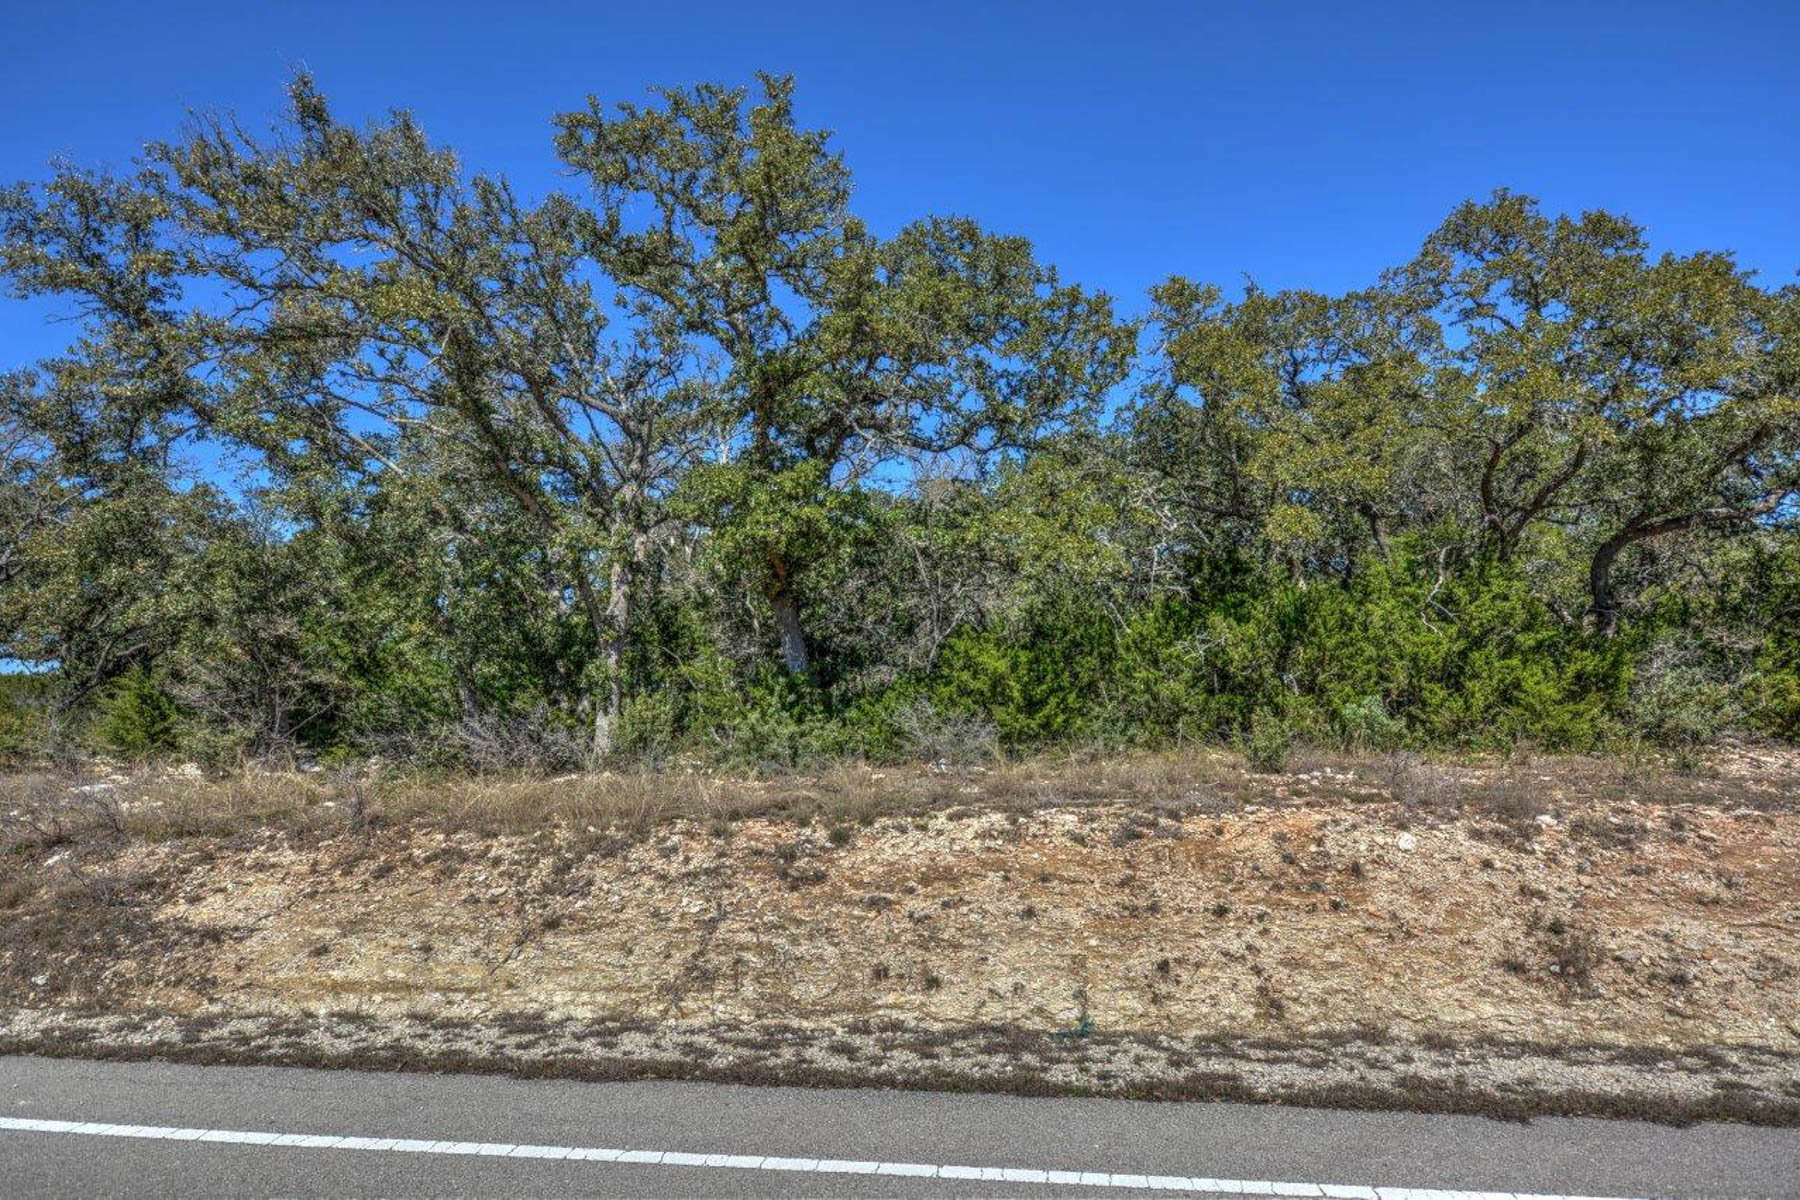 Terreno por un Venta en Exceptional, Elevated Lot Across From the Lake 2046 San Jose Way Canyon Lake, Texas 78133 Estados Unidos